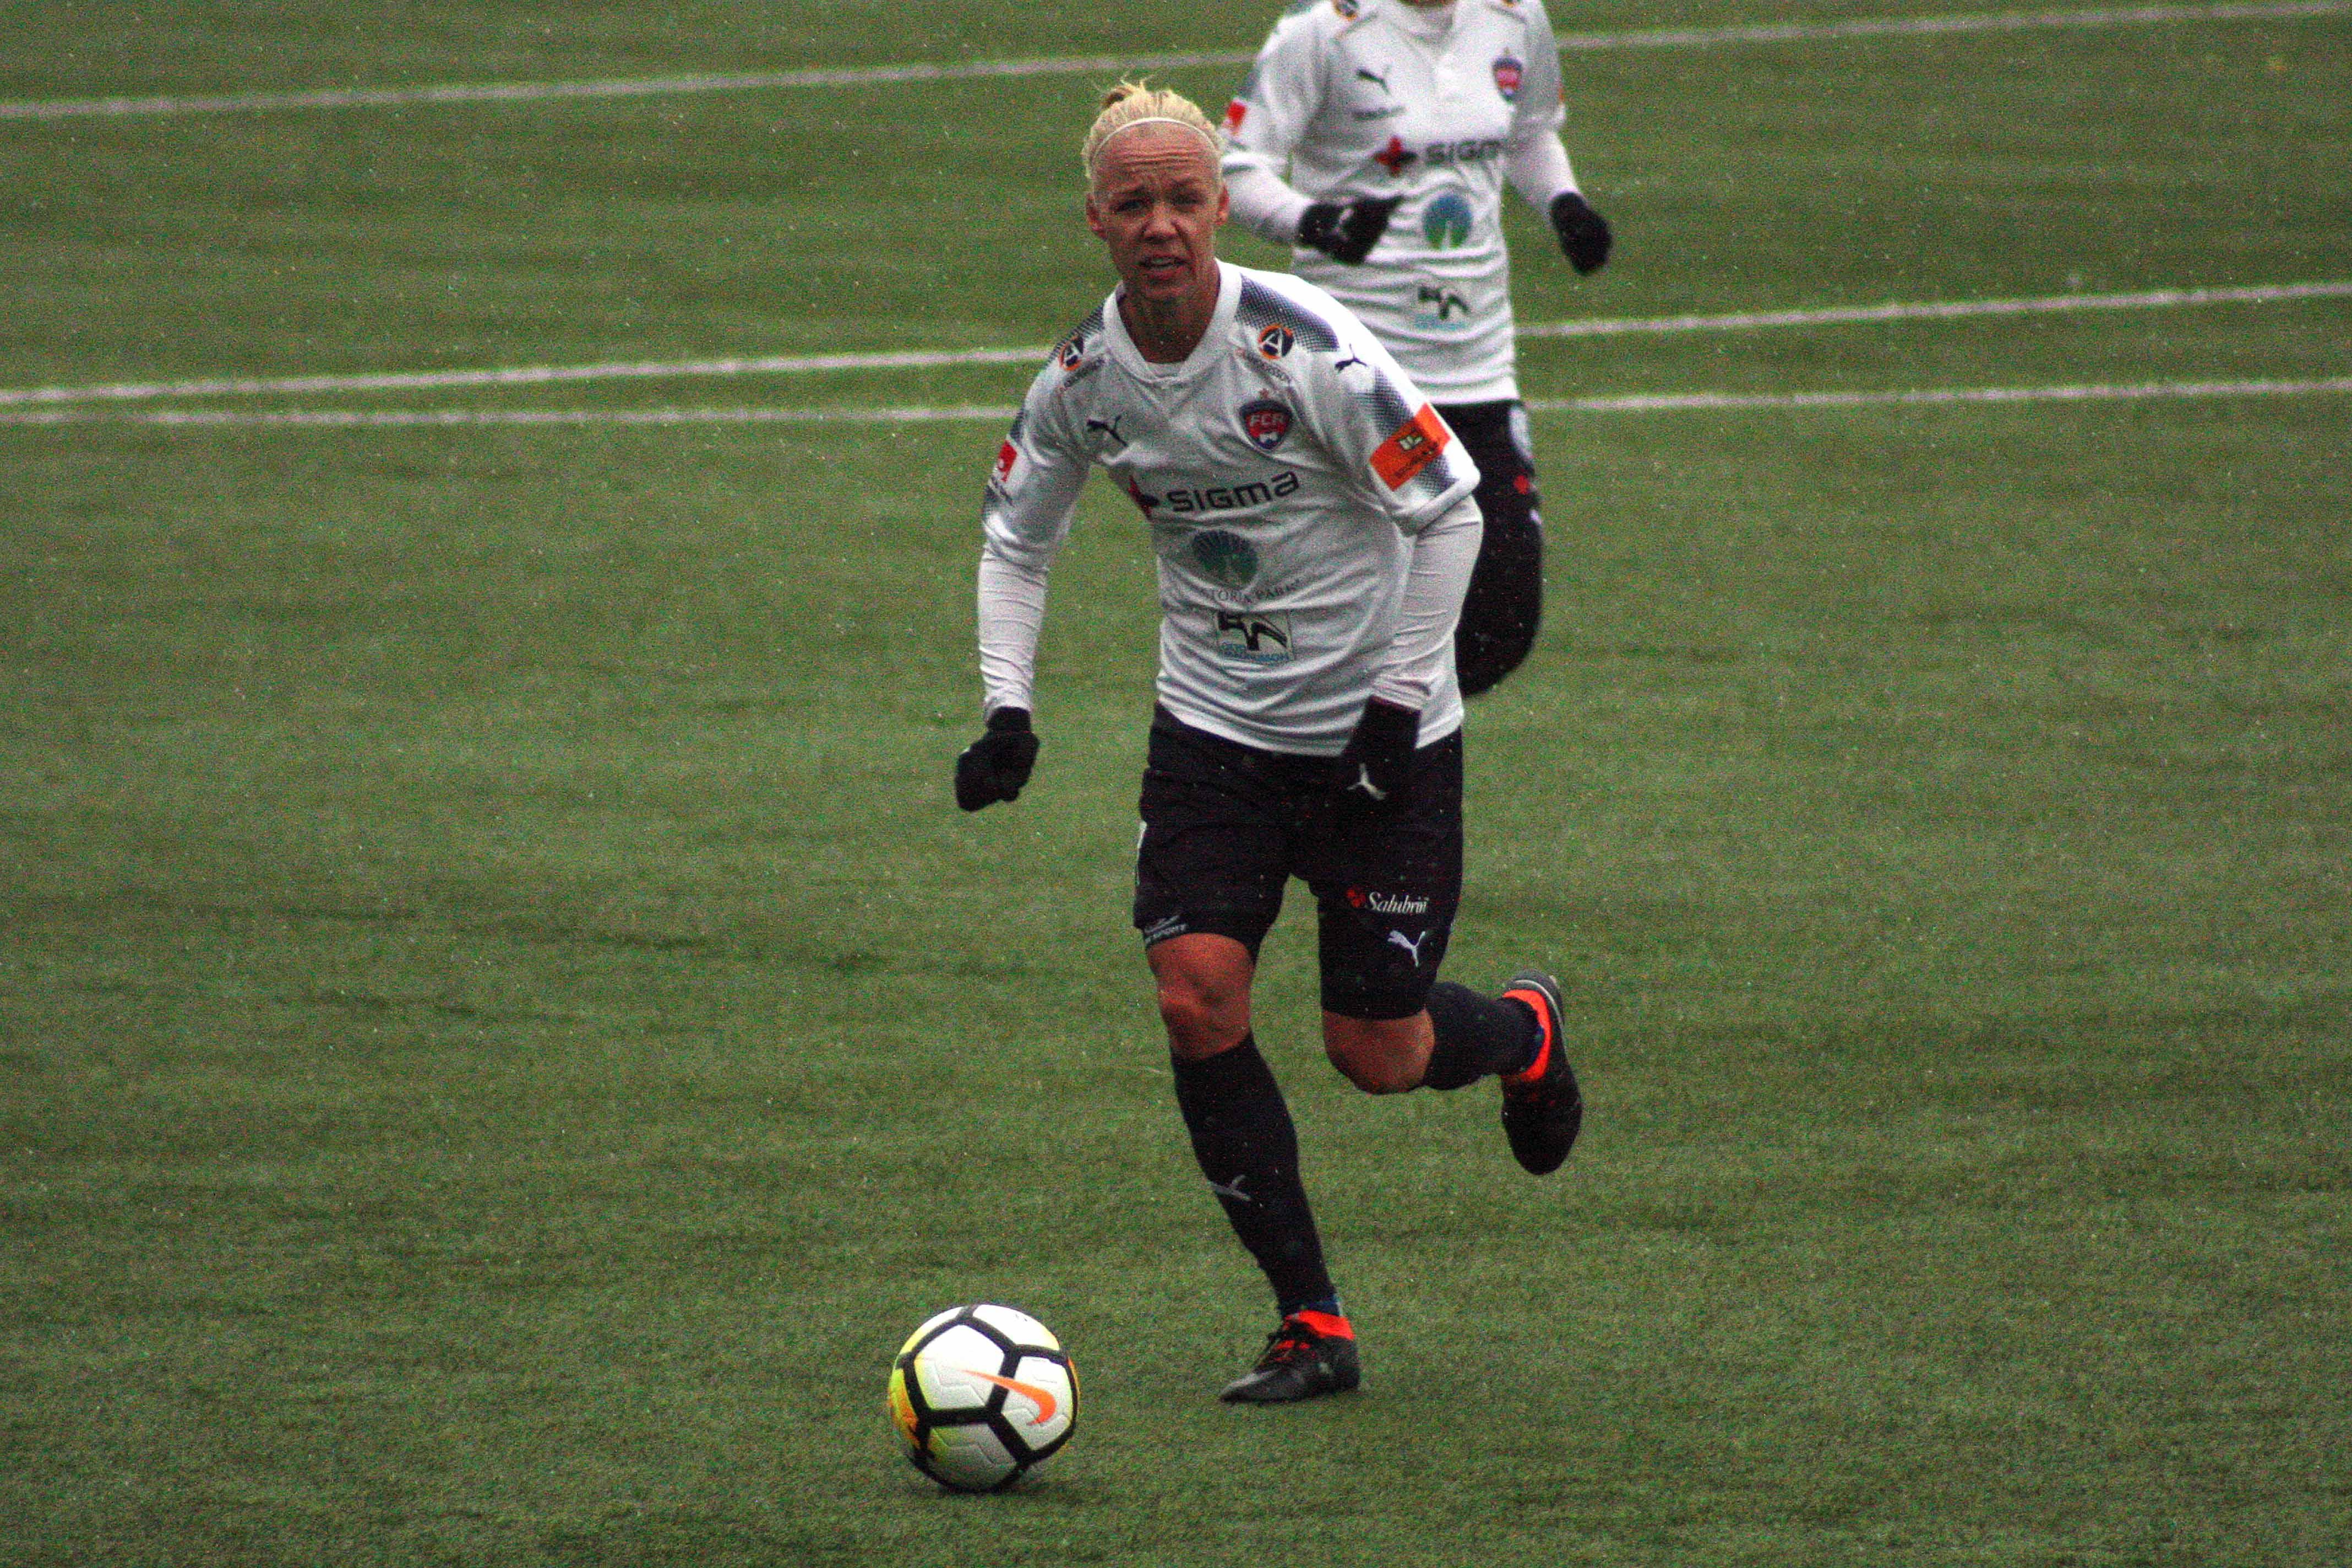 Problemet i damallsvenskan och landslaget saknaden av kontinuitet